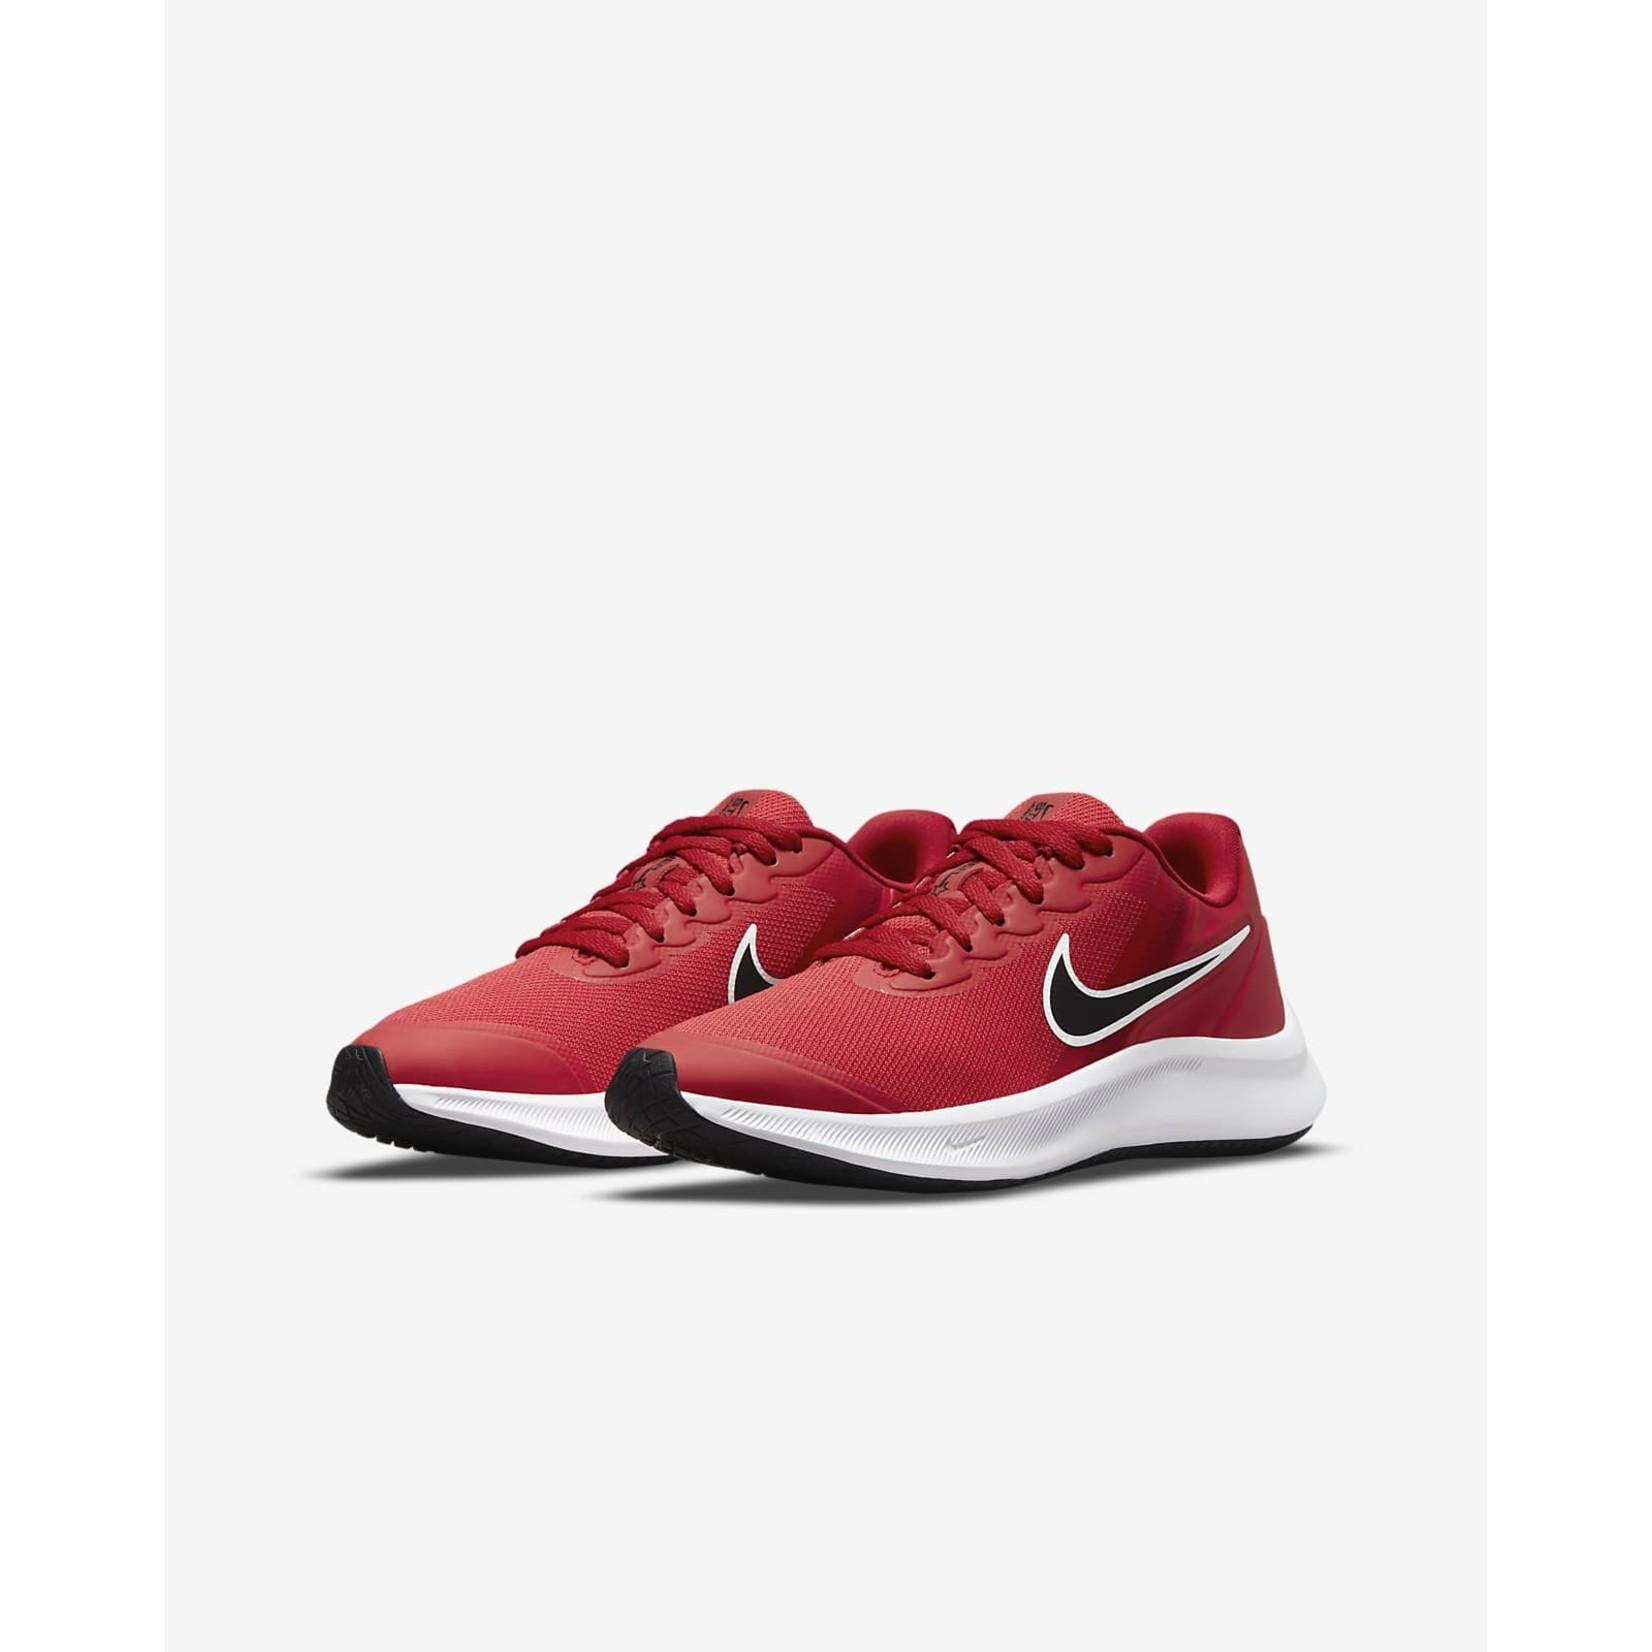 Nike Nike Running Shoes, Star Runner 3, Boys